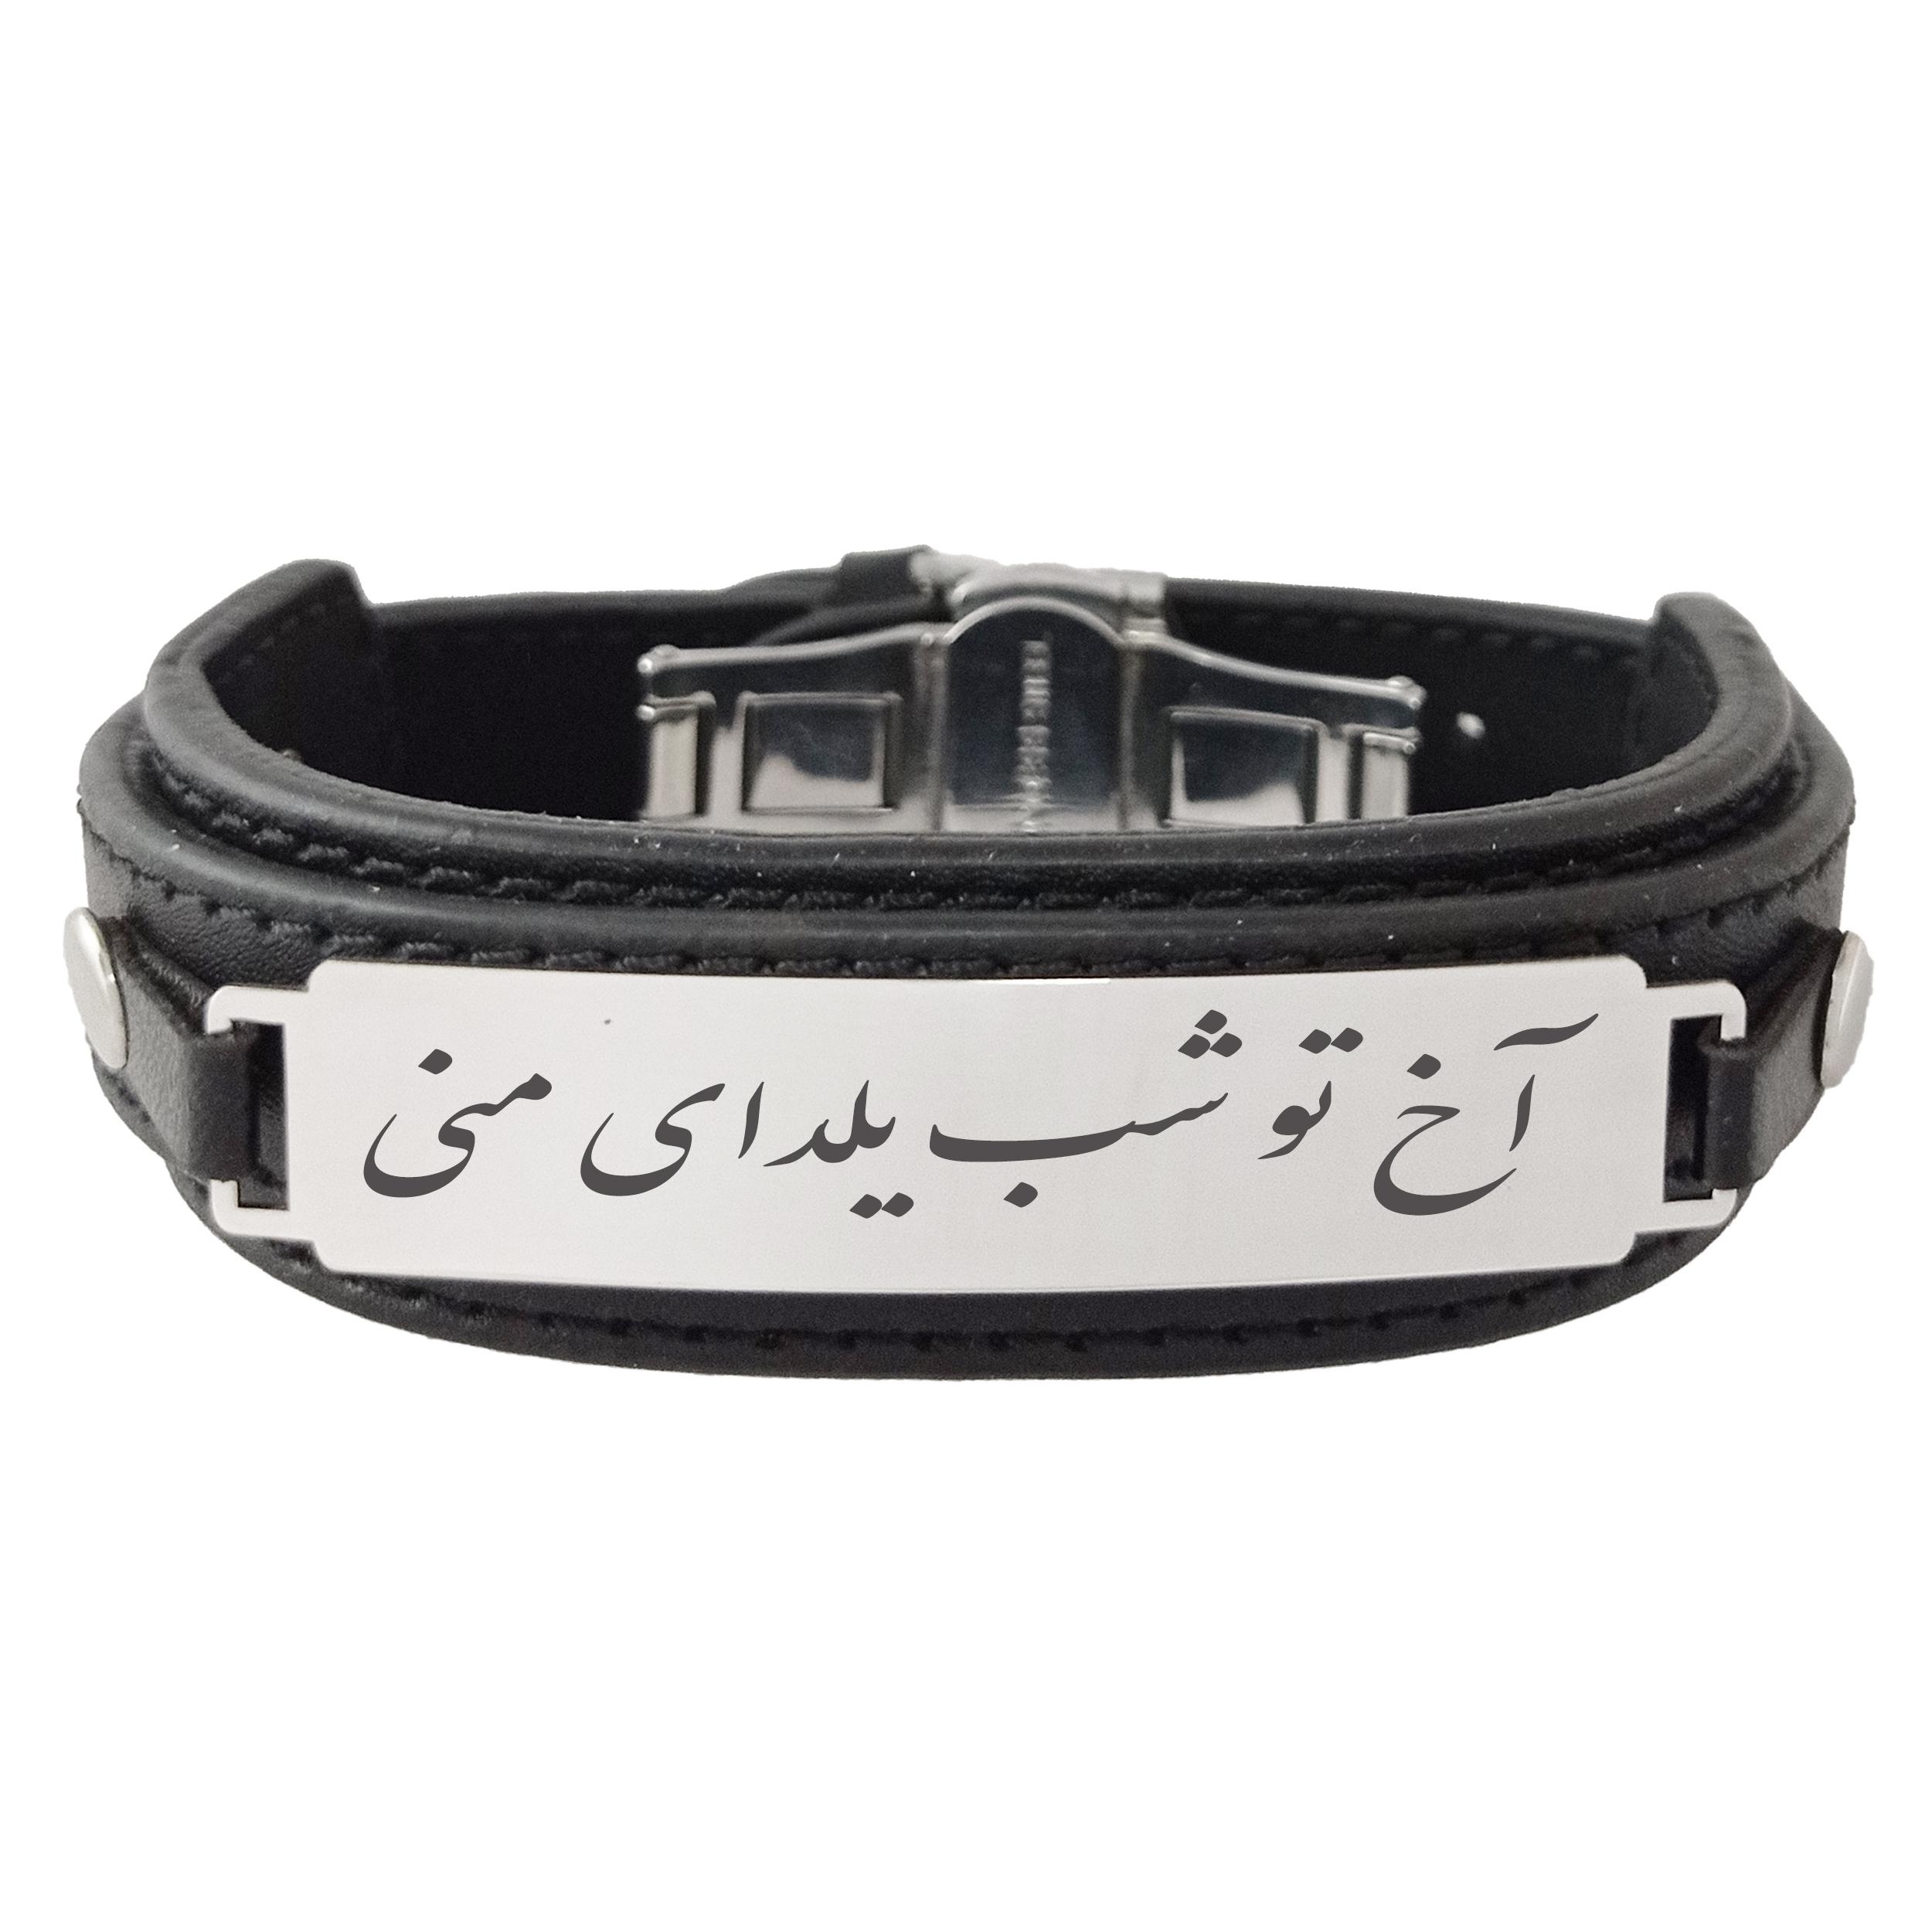 دستبند ترمه ۱ مدل شب یلدا کد Sam 1816